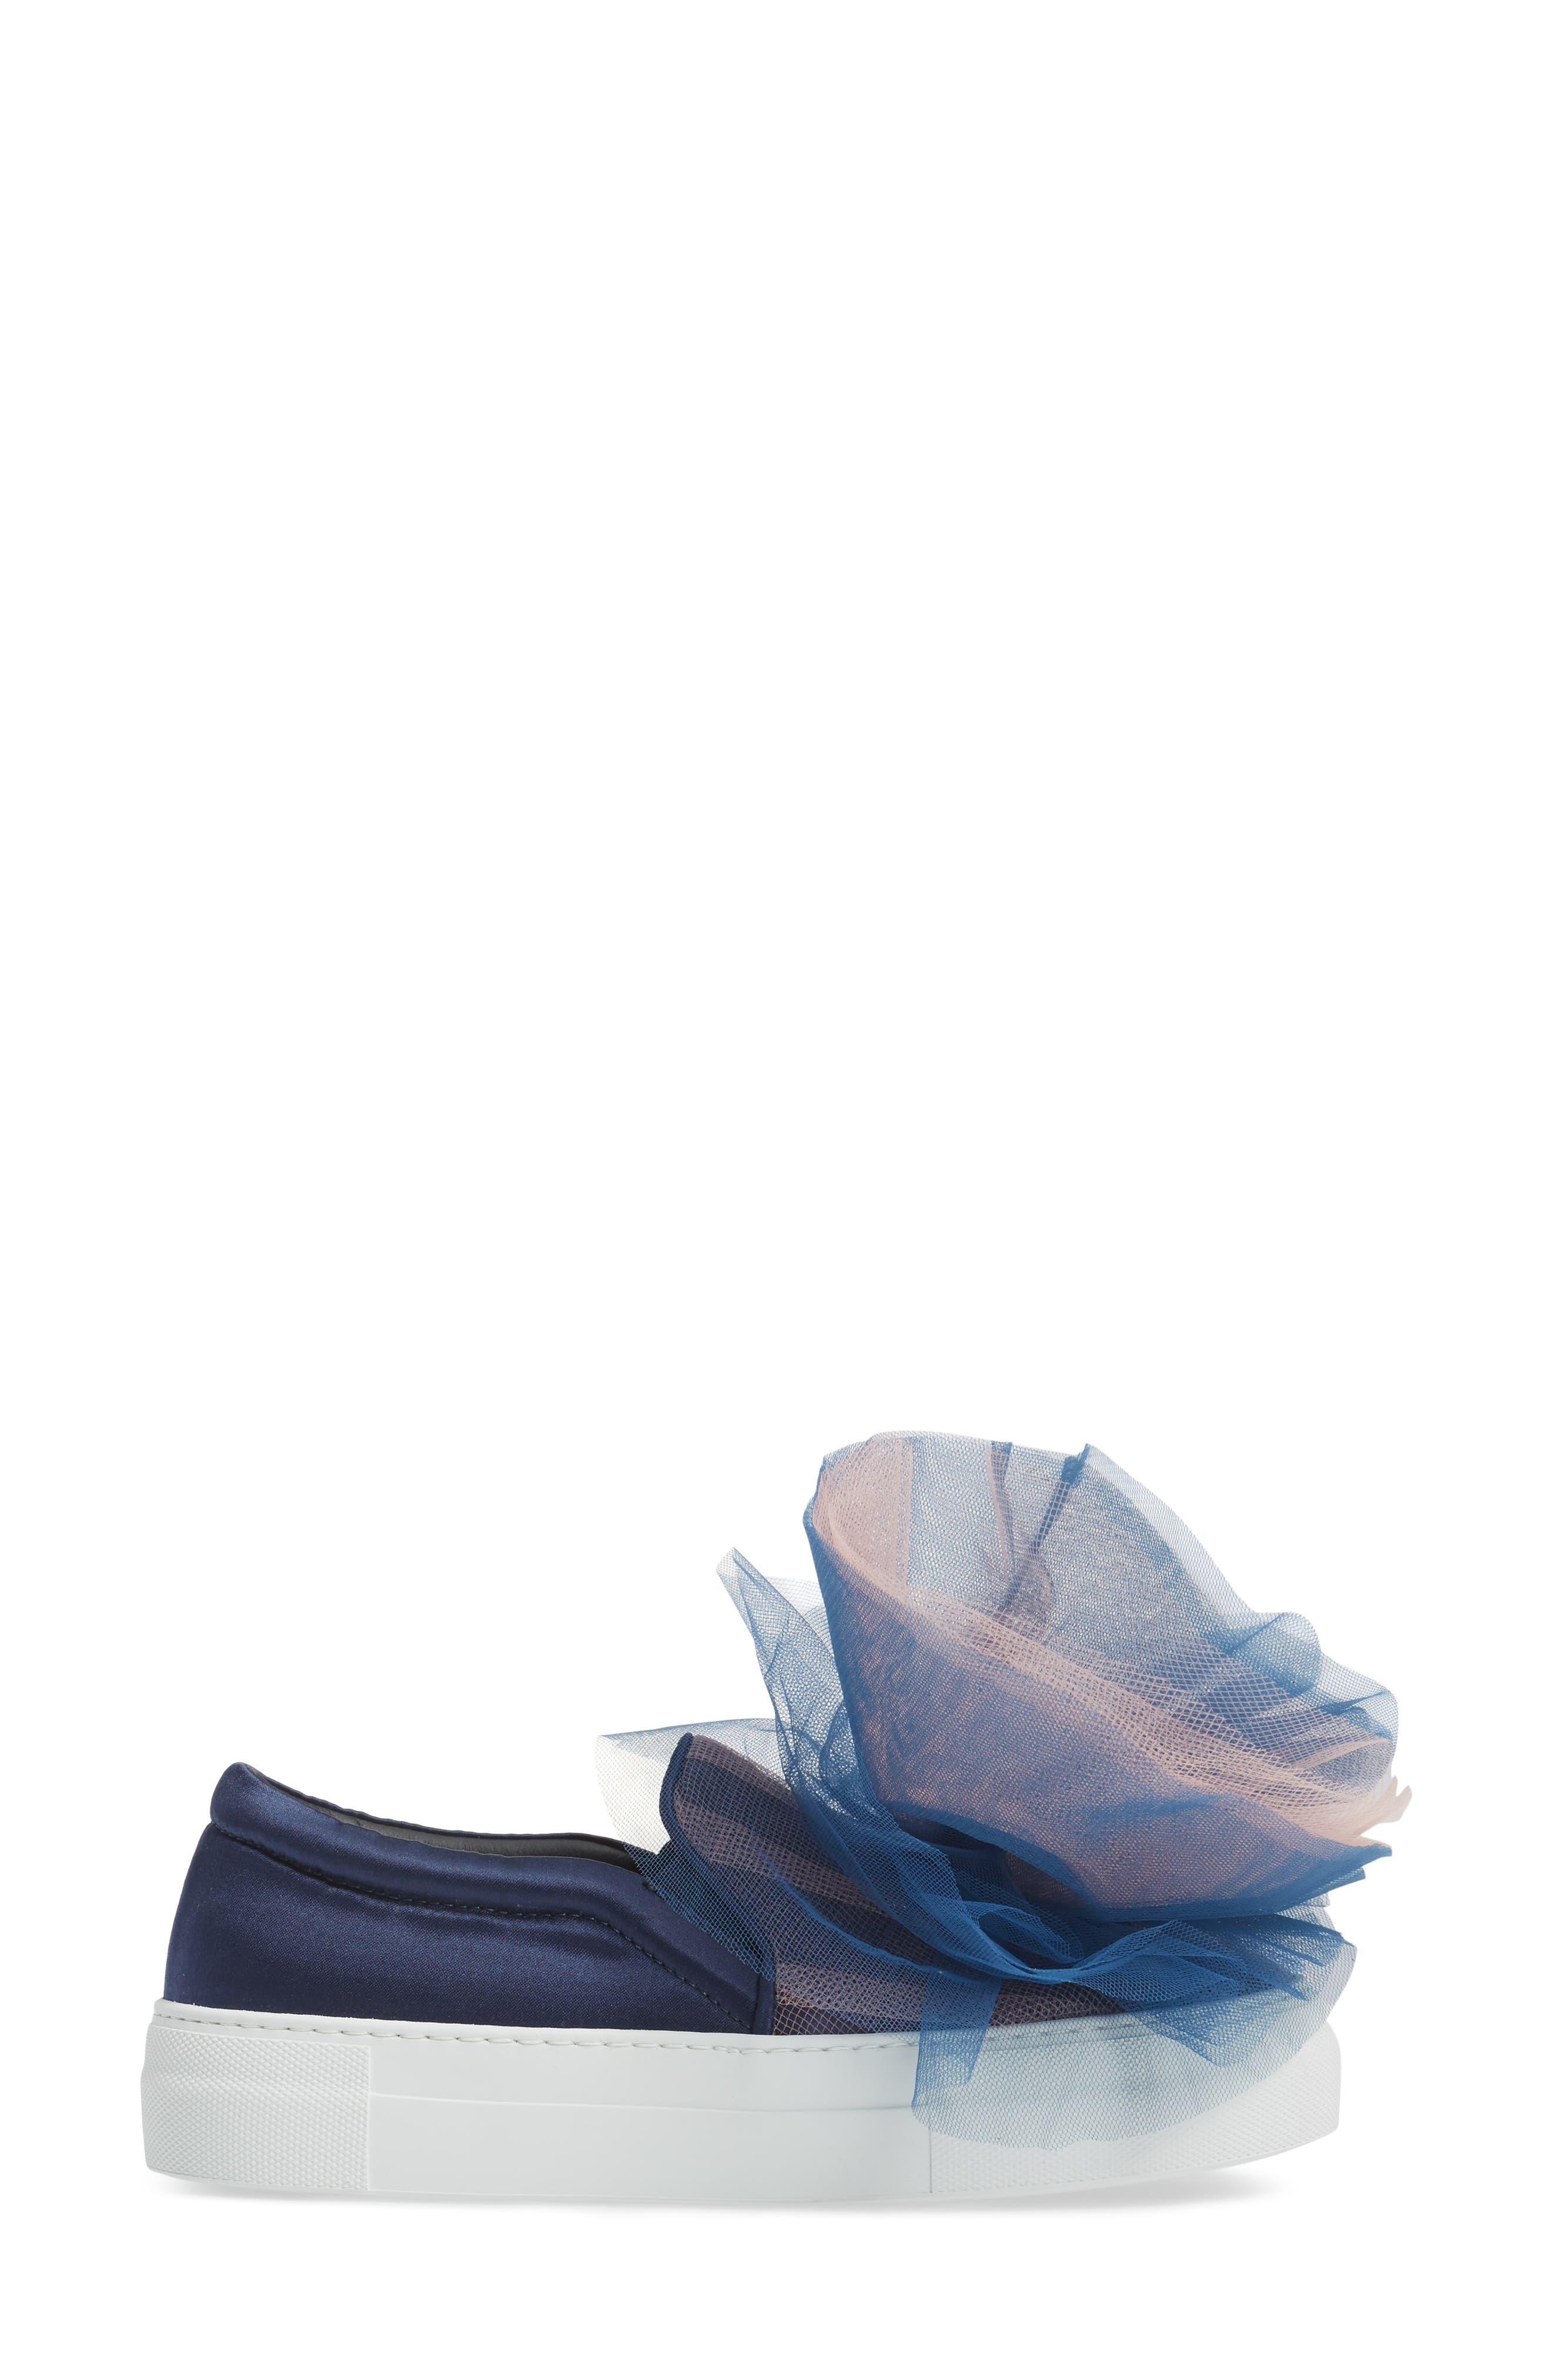 Tulle Slip-On Sneaker,                             Alternate thumbnail 3, color,                             Navy Pink Combo